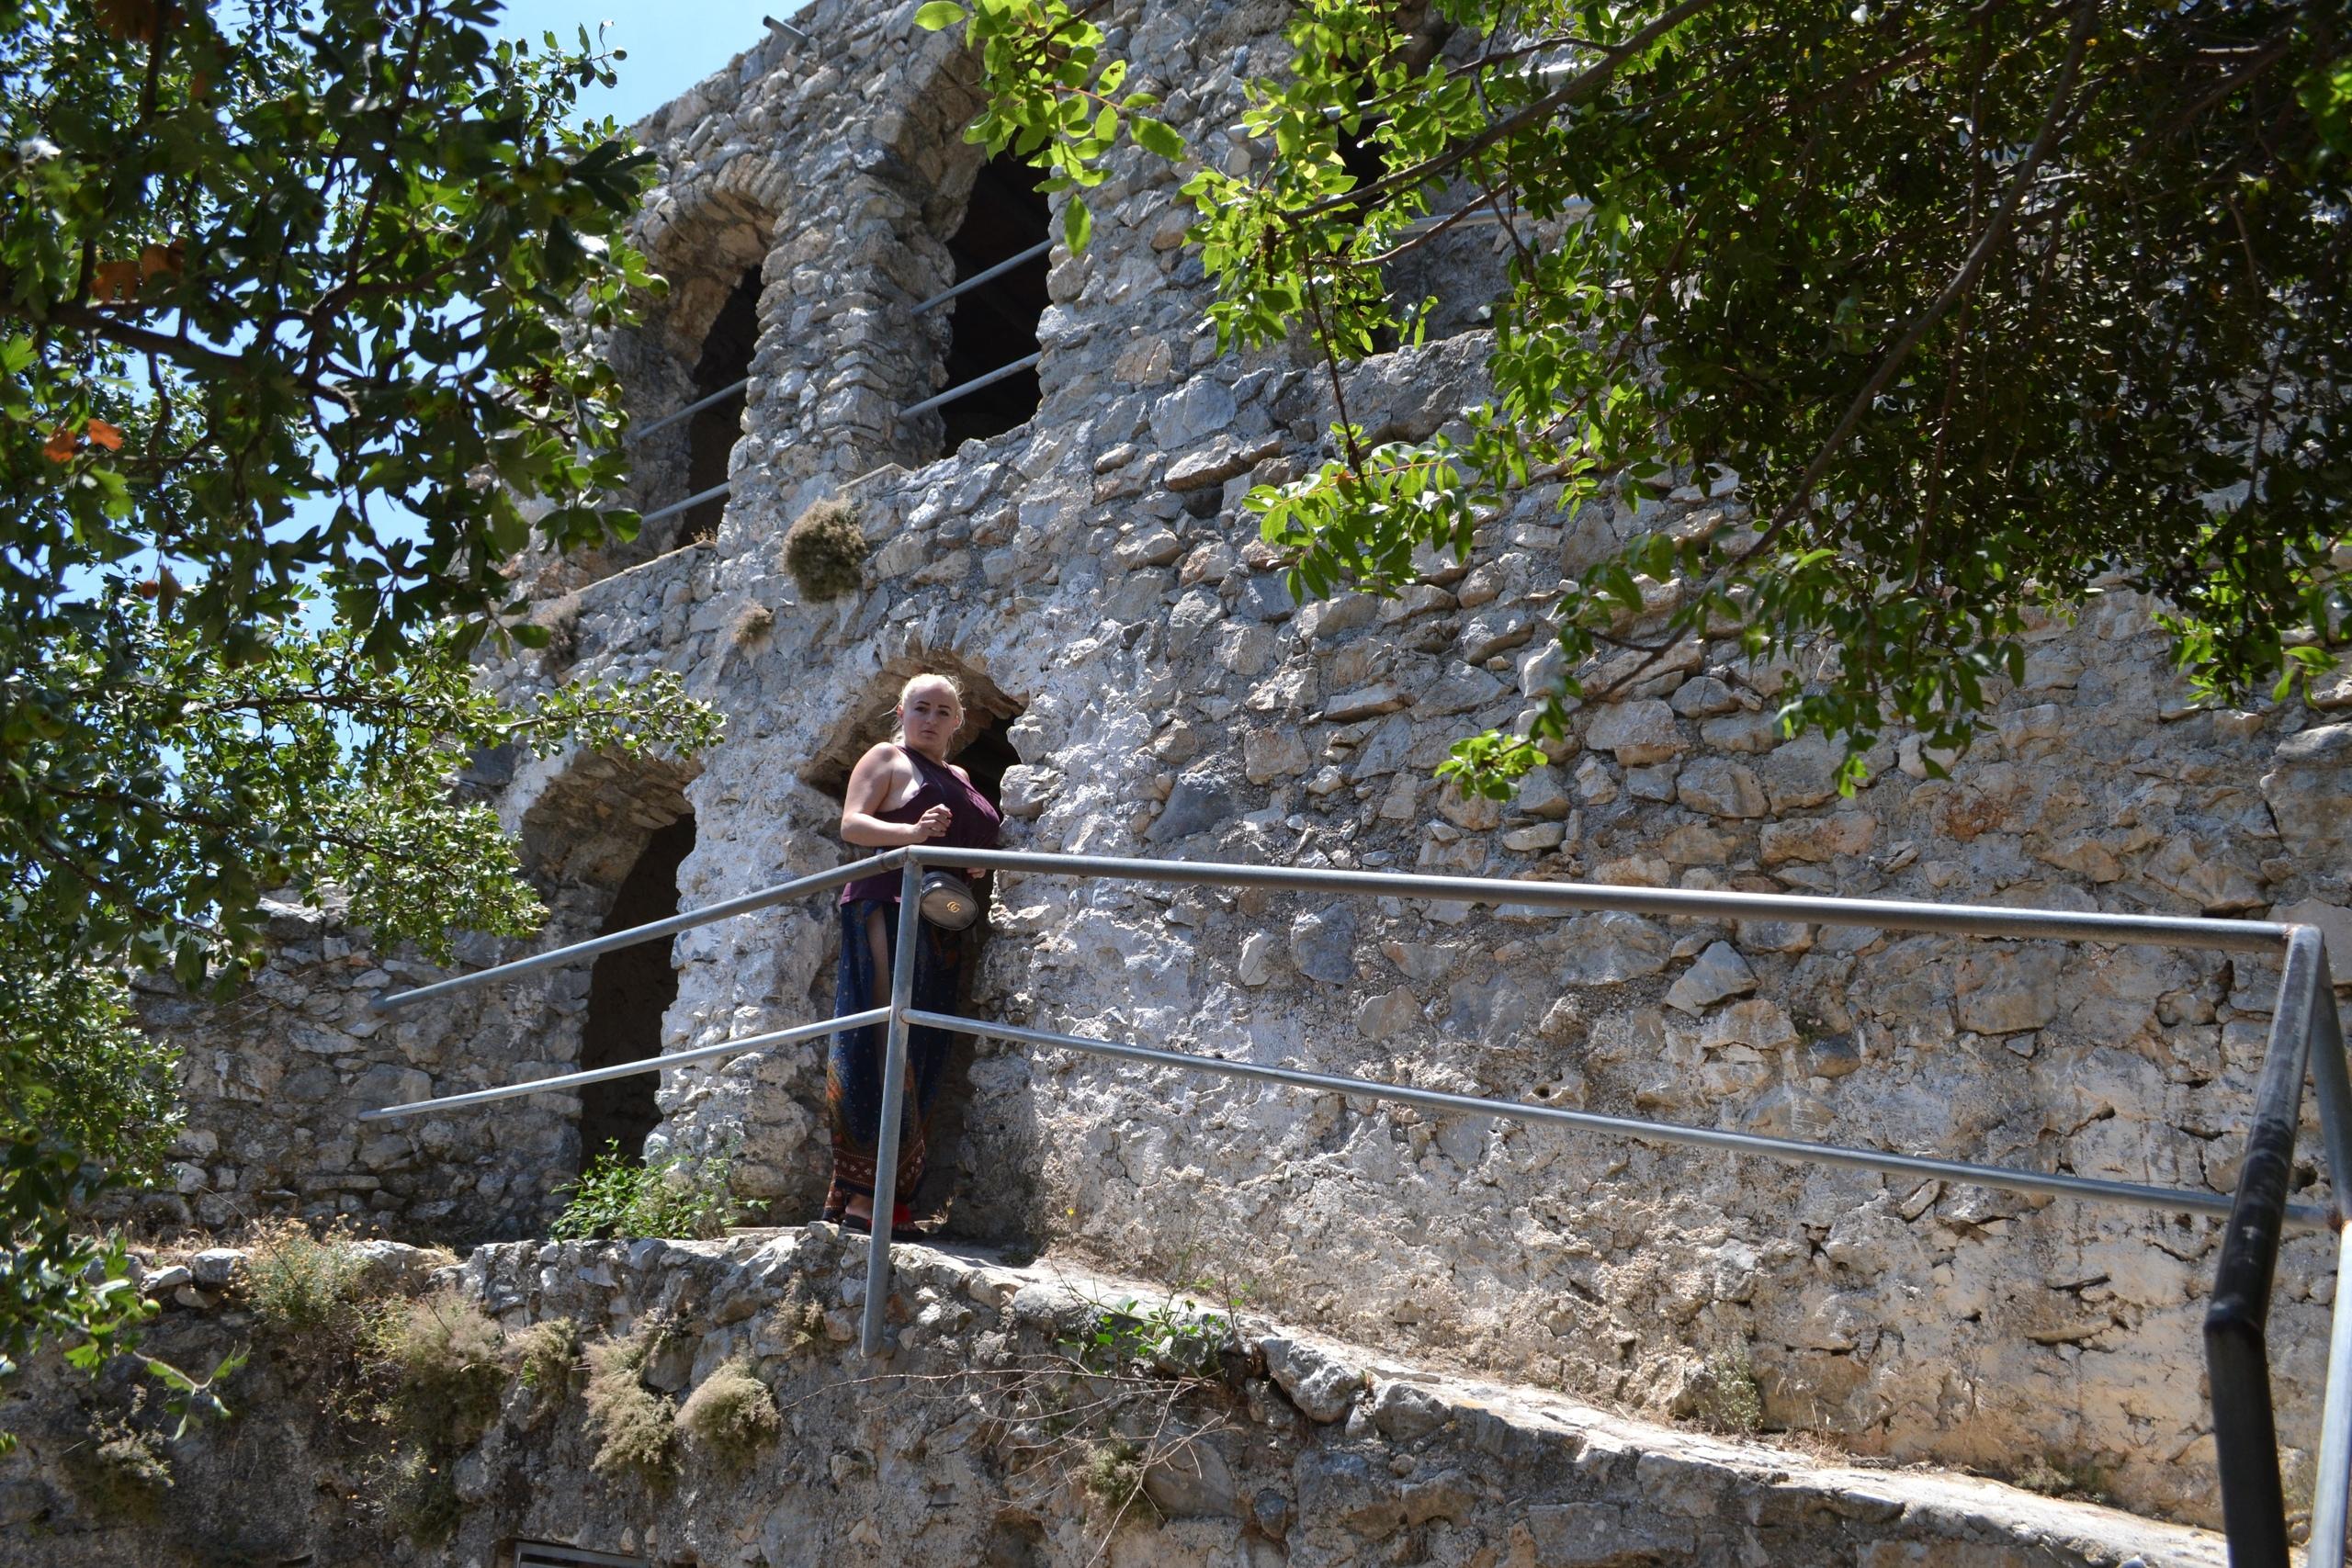 Северный Кипр. Замок Святого Иллариона. (фото). KIxUIPT6nCE